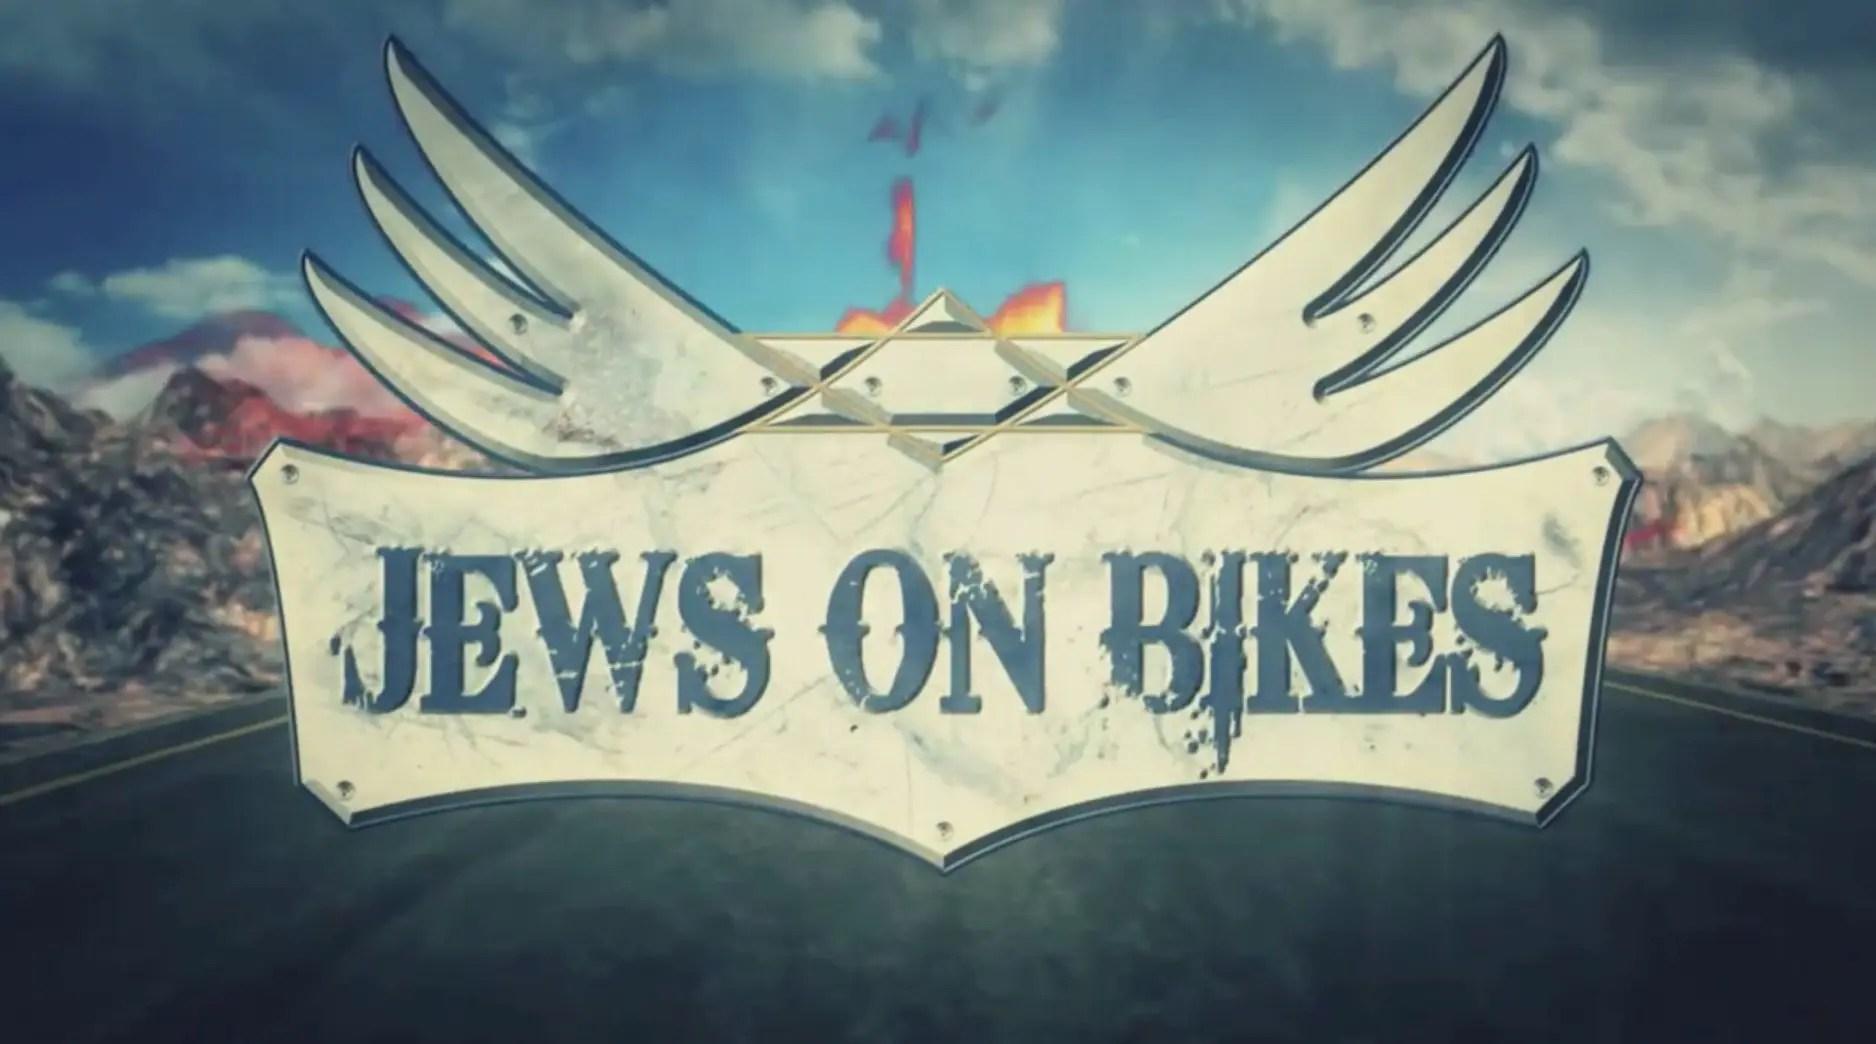 Jews on Bikes